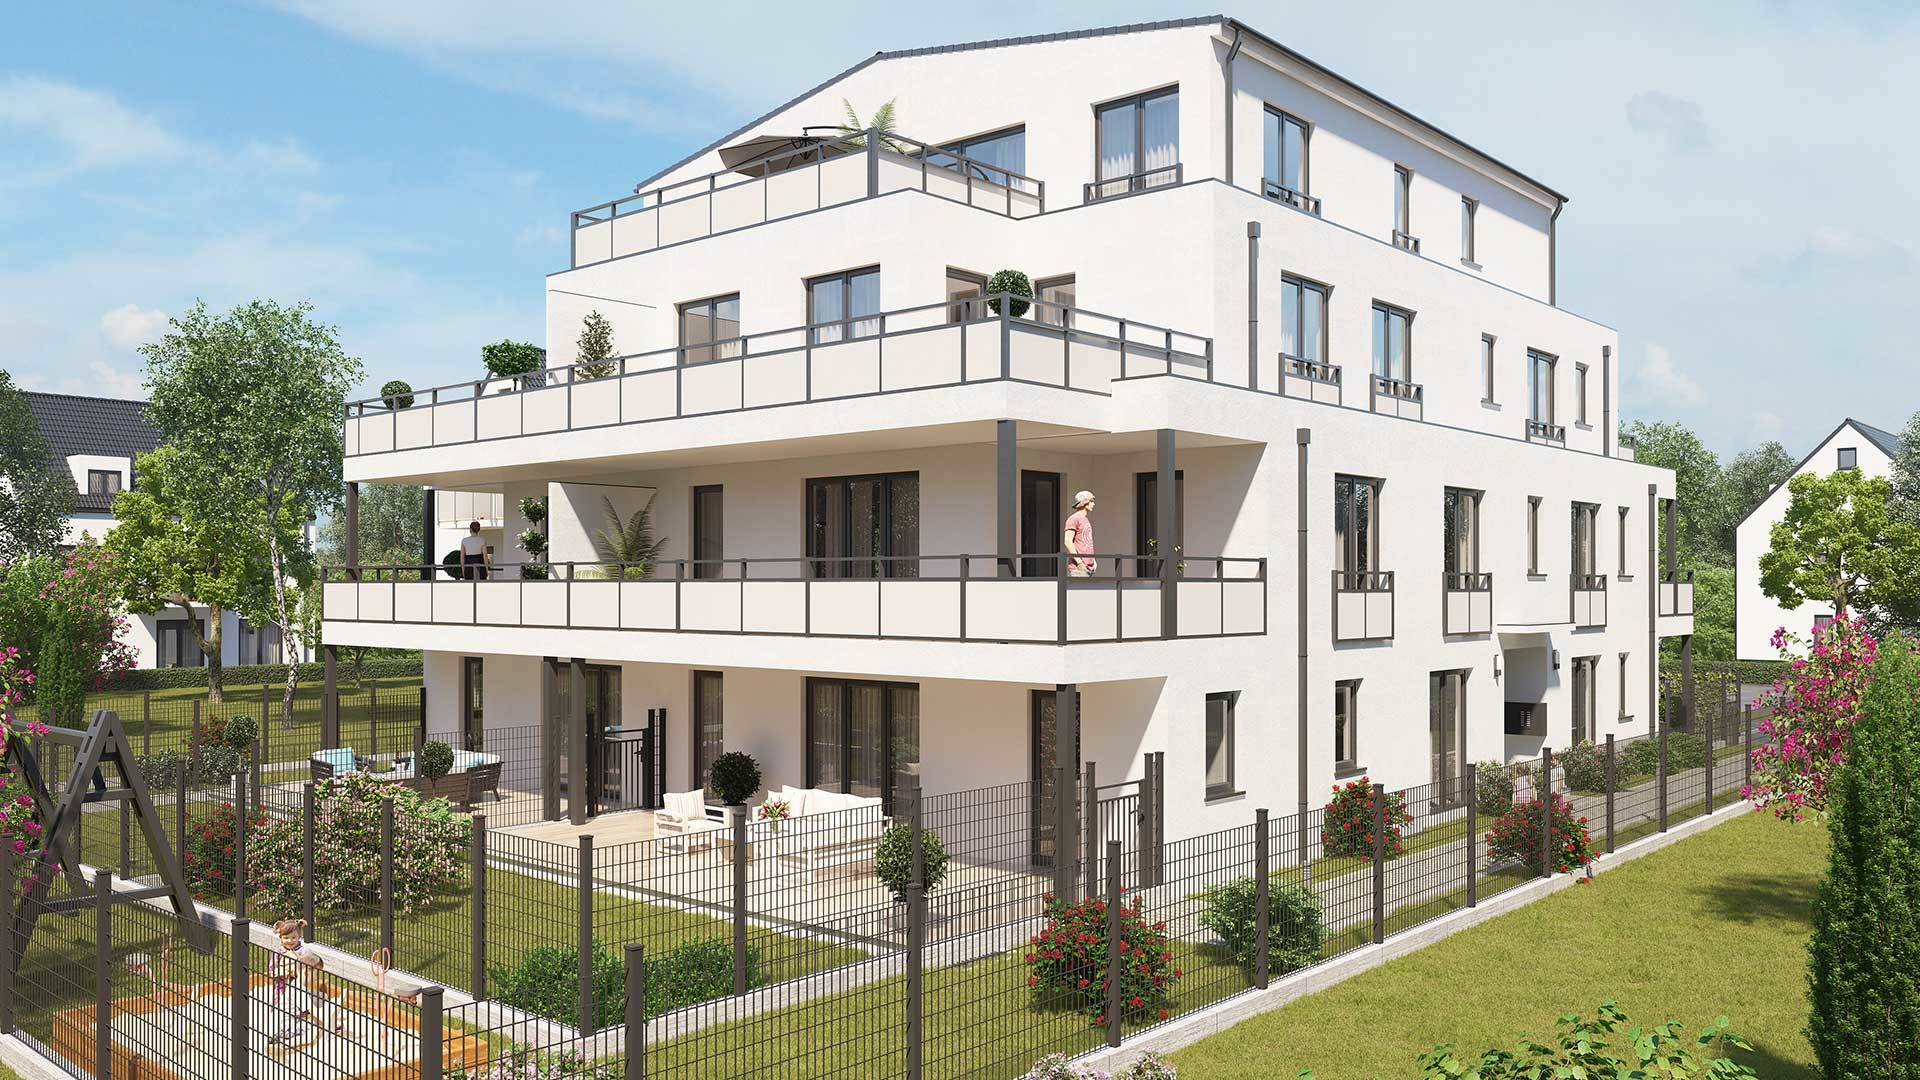 Stille-Immobilien-Uerdinger-Str.-790-Ideal-für-Senioren-Moderne-Gartenwohnung-1